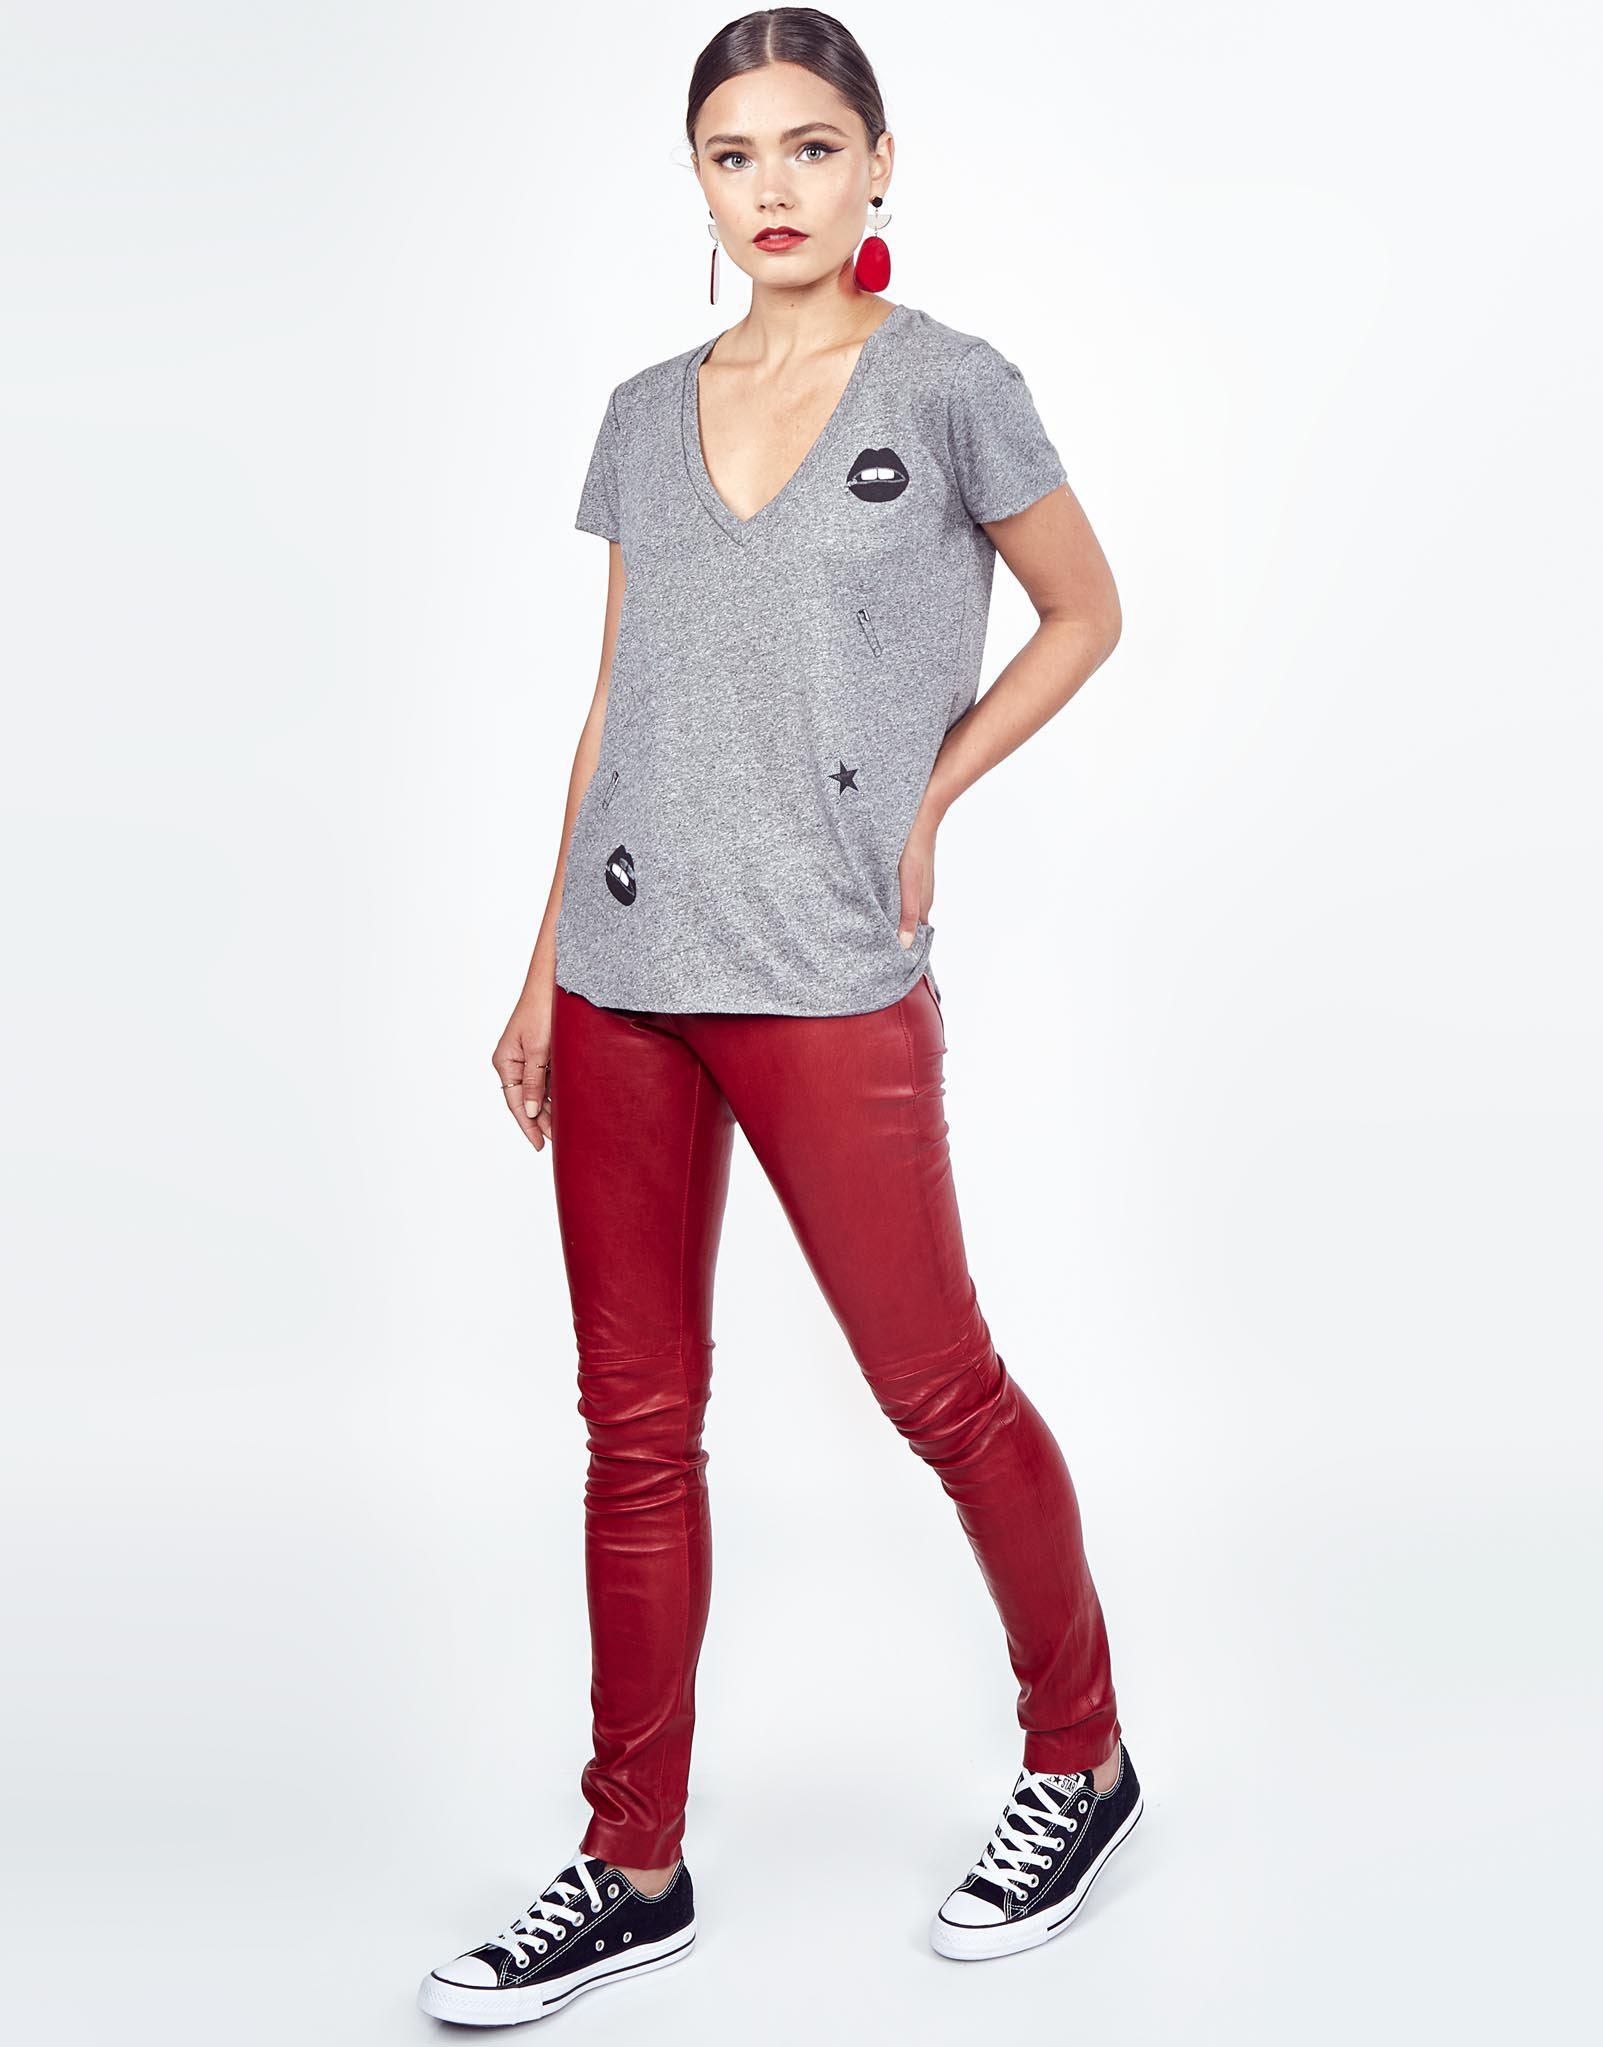 aea5fc8ee6d Lyst - Lauren Moshi Emmalyn Foil Zipper Mouth in Gray